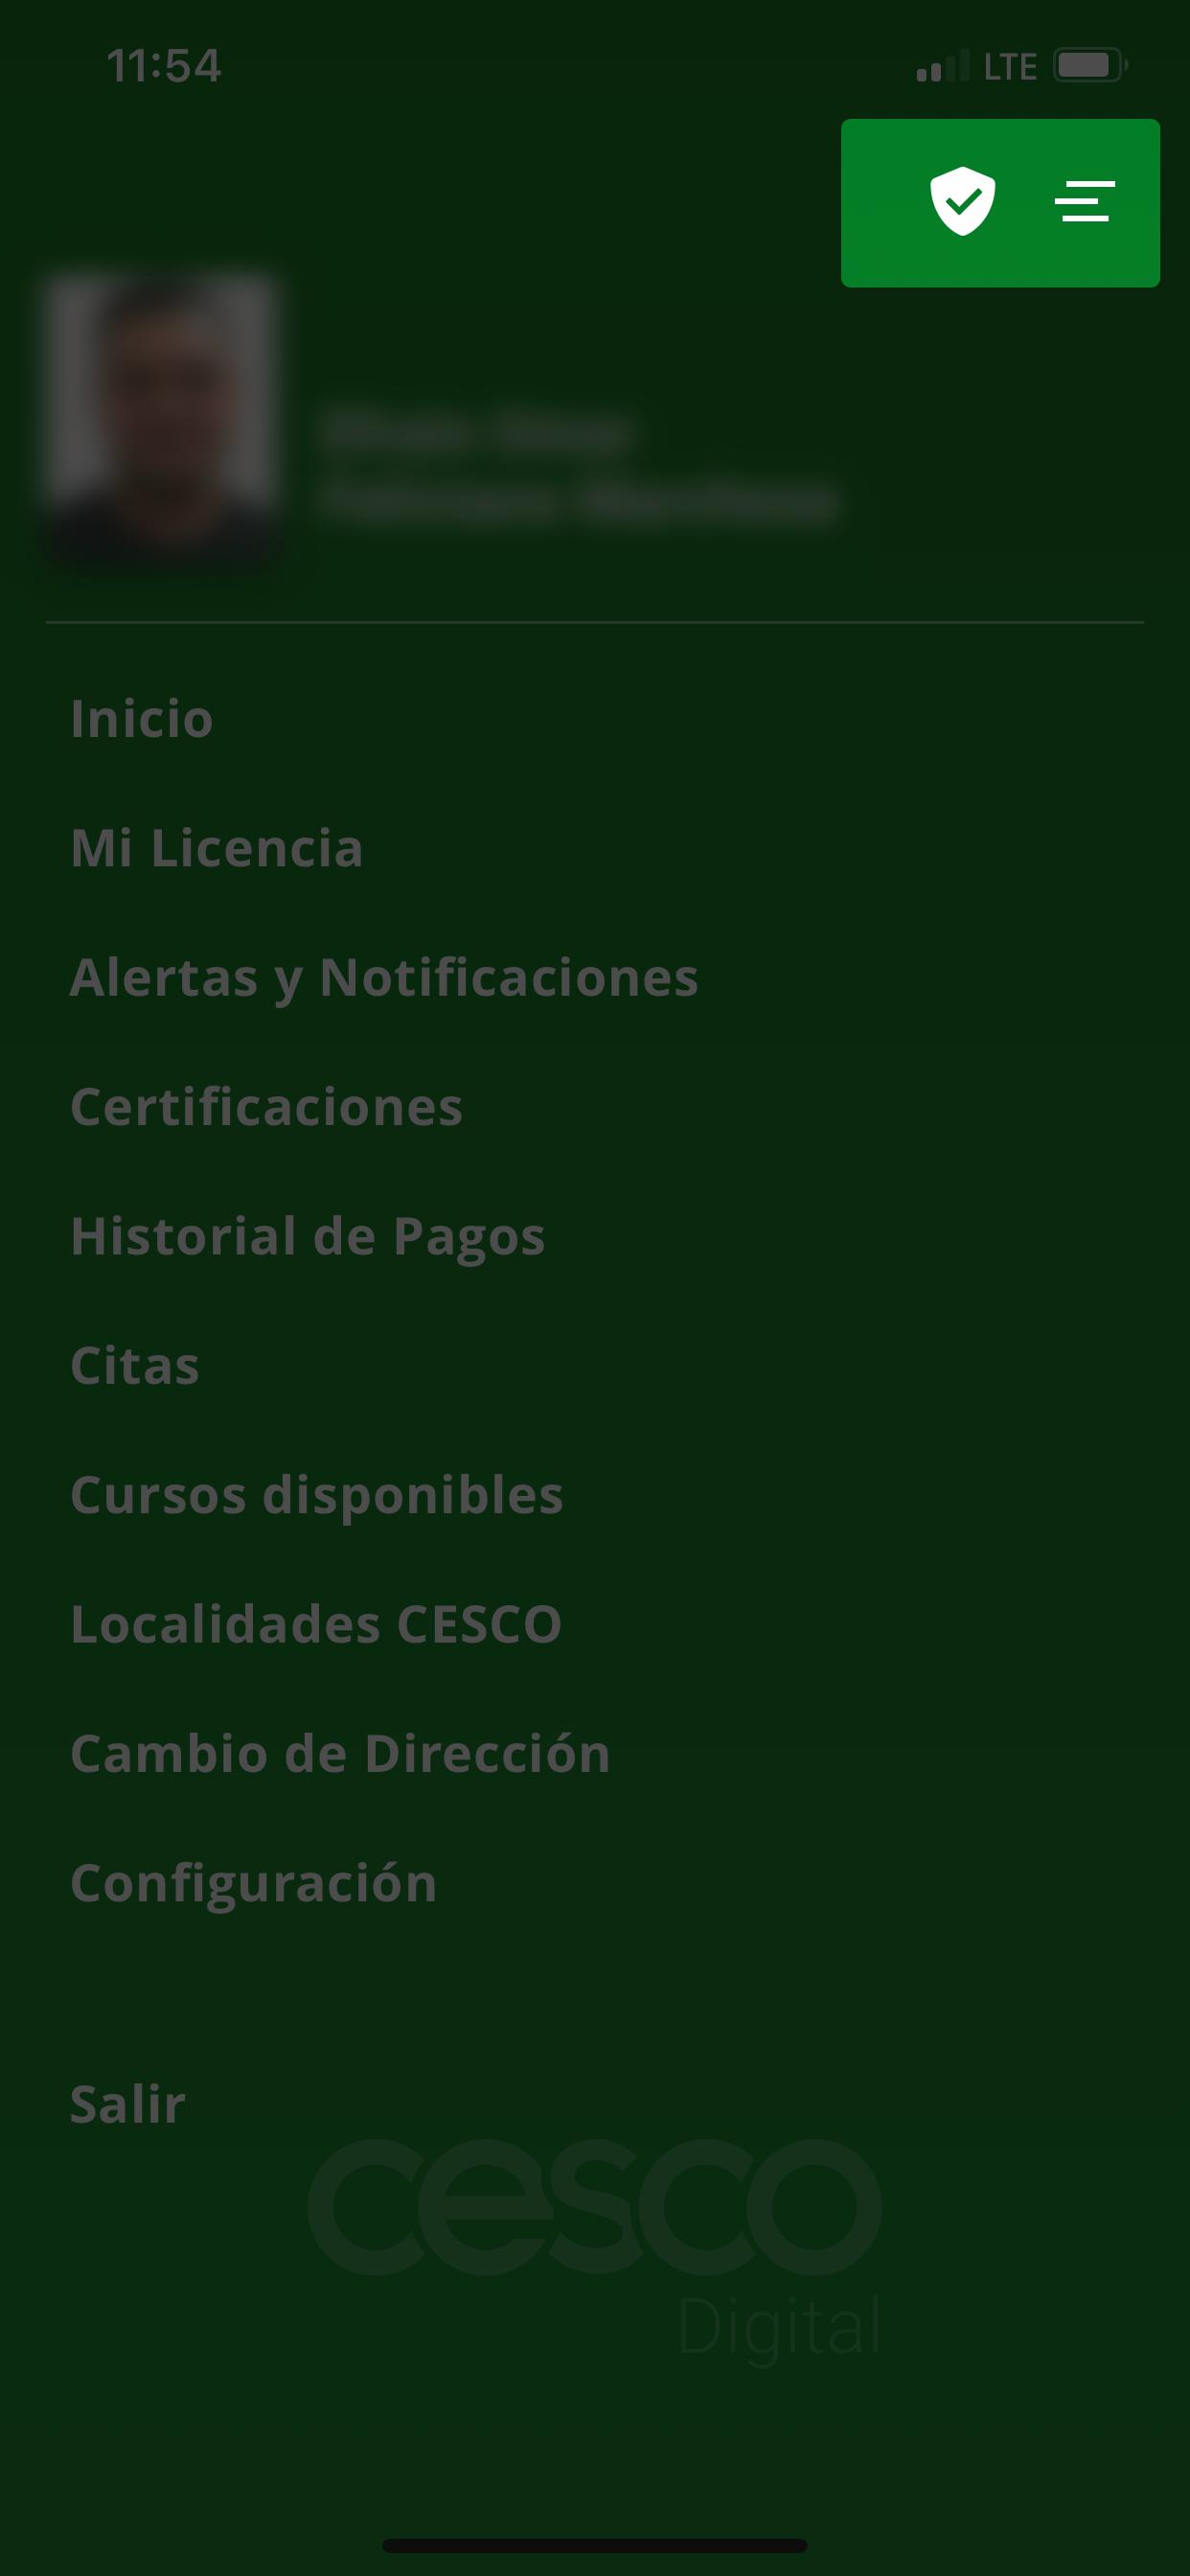 Captura de pantalla de menú mostrando dónde ver el Vacu ID